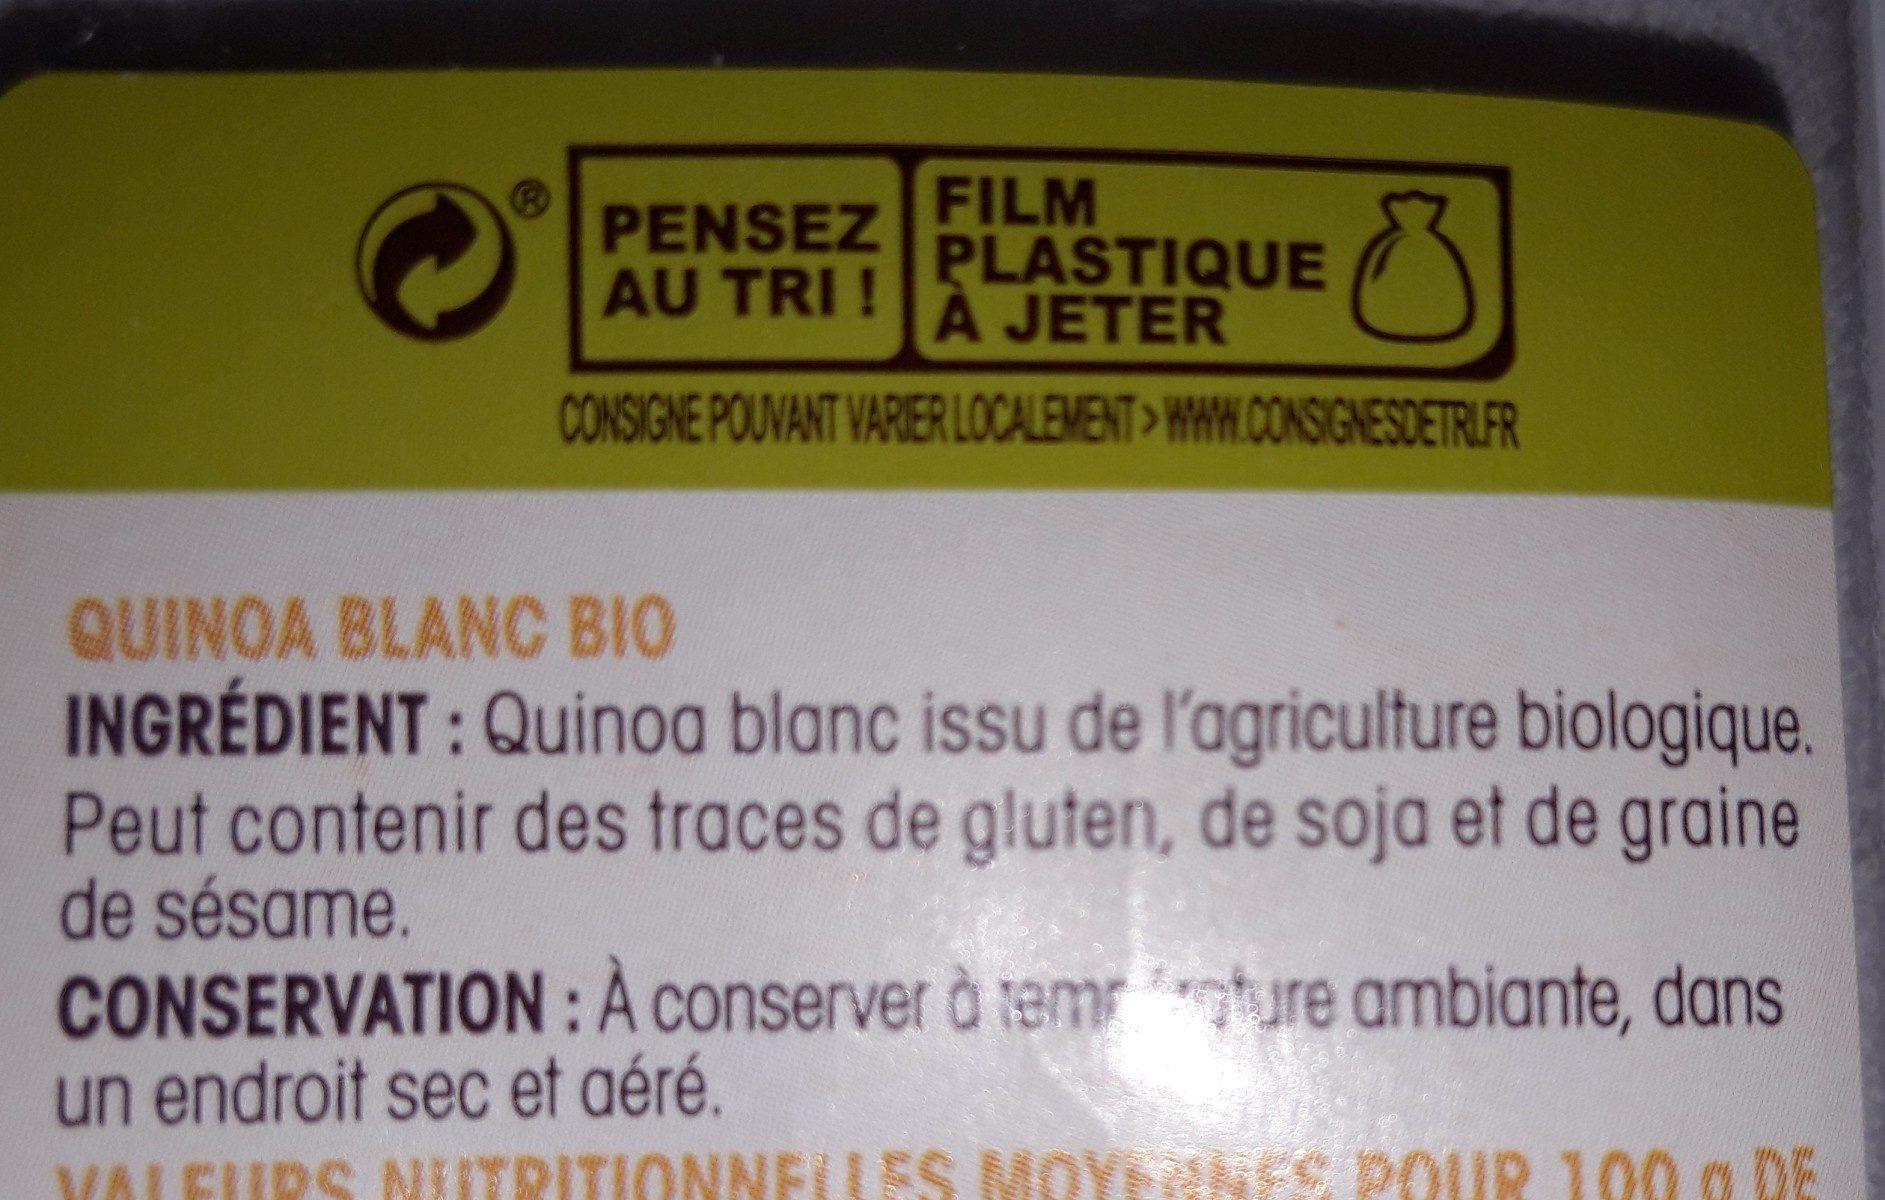 Quinoa blanc bio - Ingredienti - fr